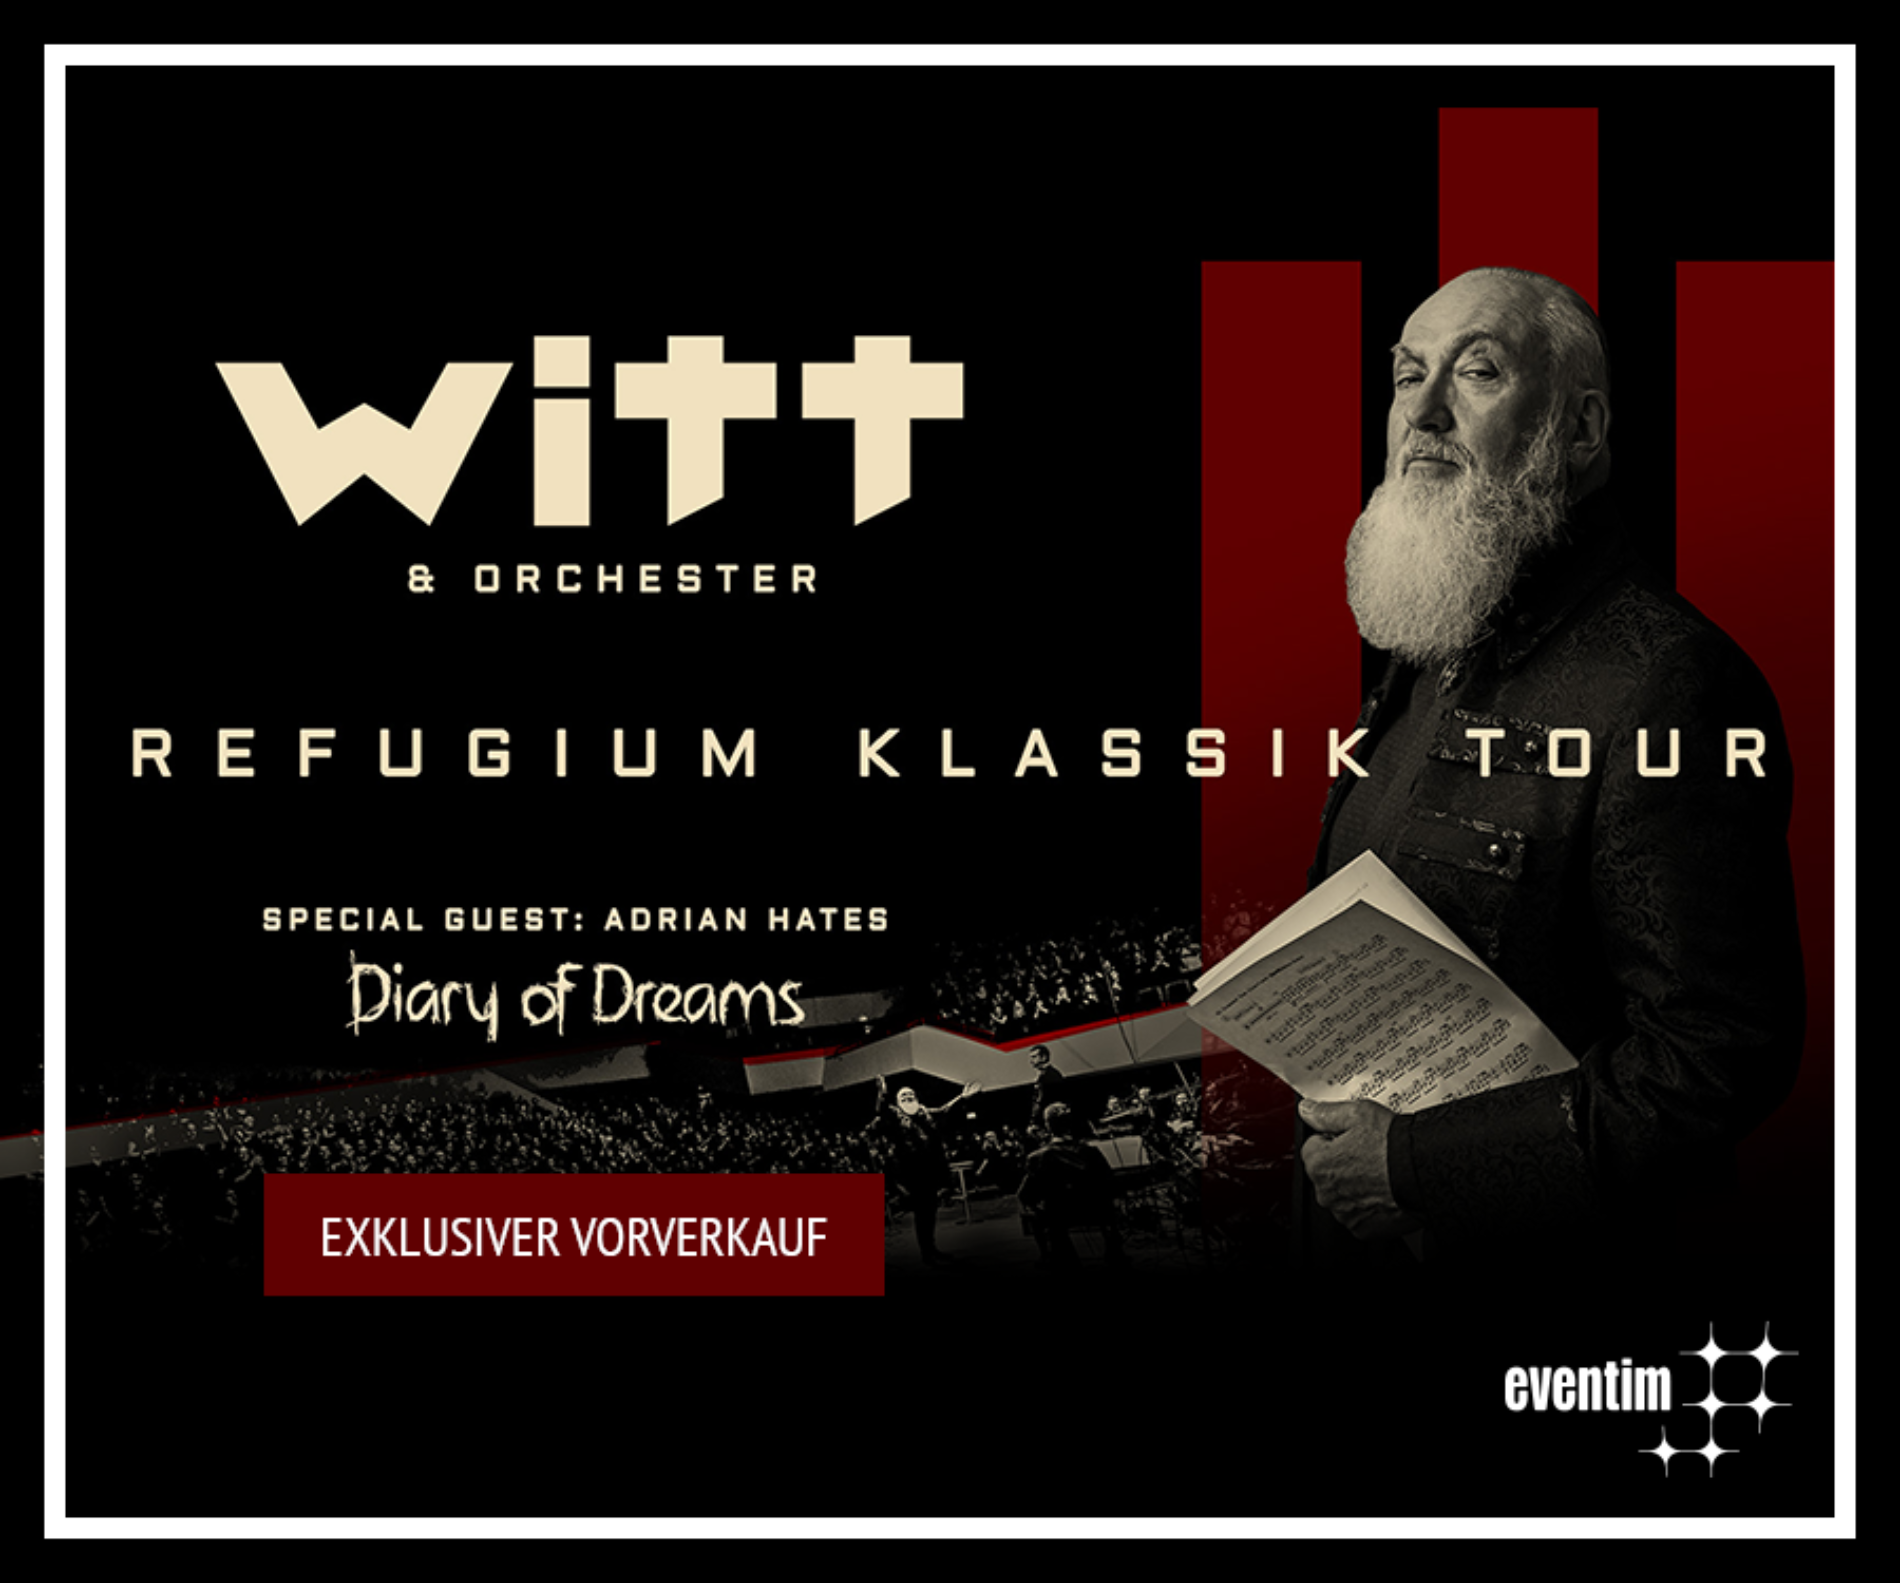 Joachim Witt – Refugium Klassik Tour 2019